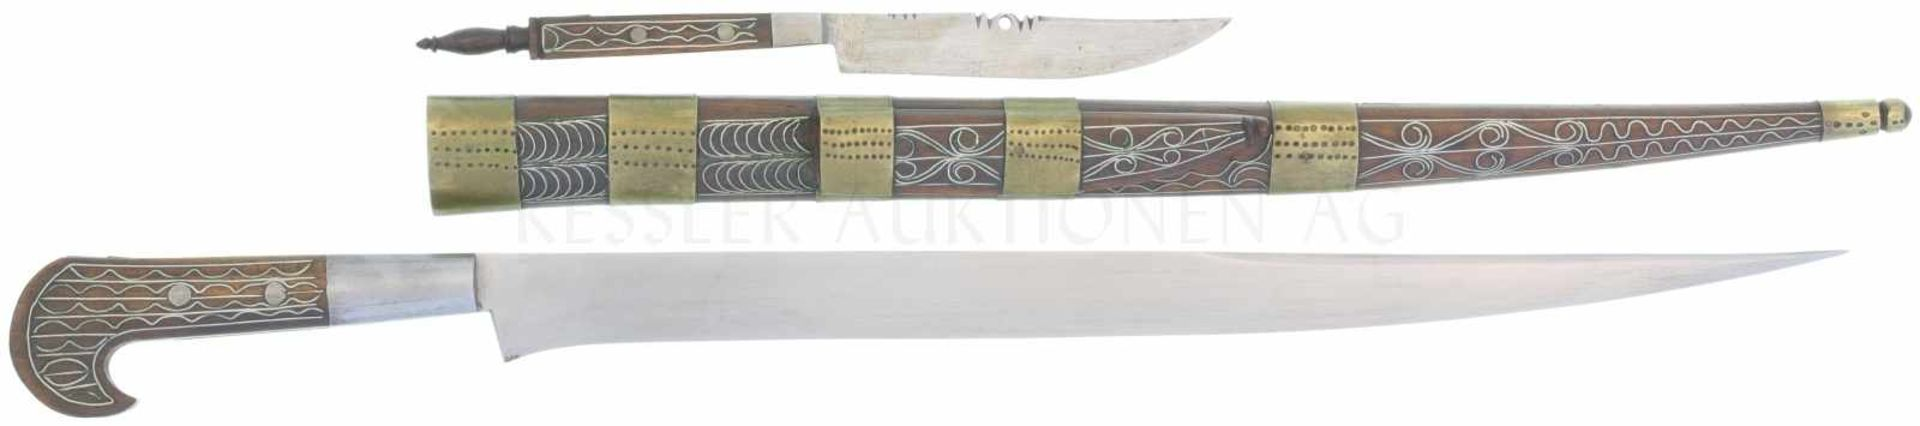 Osmanisch-türkischer Bichak, um 1870 KL 357mm, TL 475mm gerade Rückemklinge mit leichter